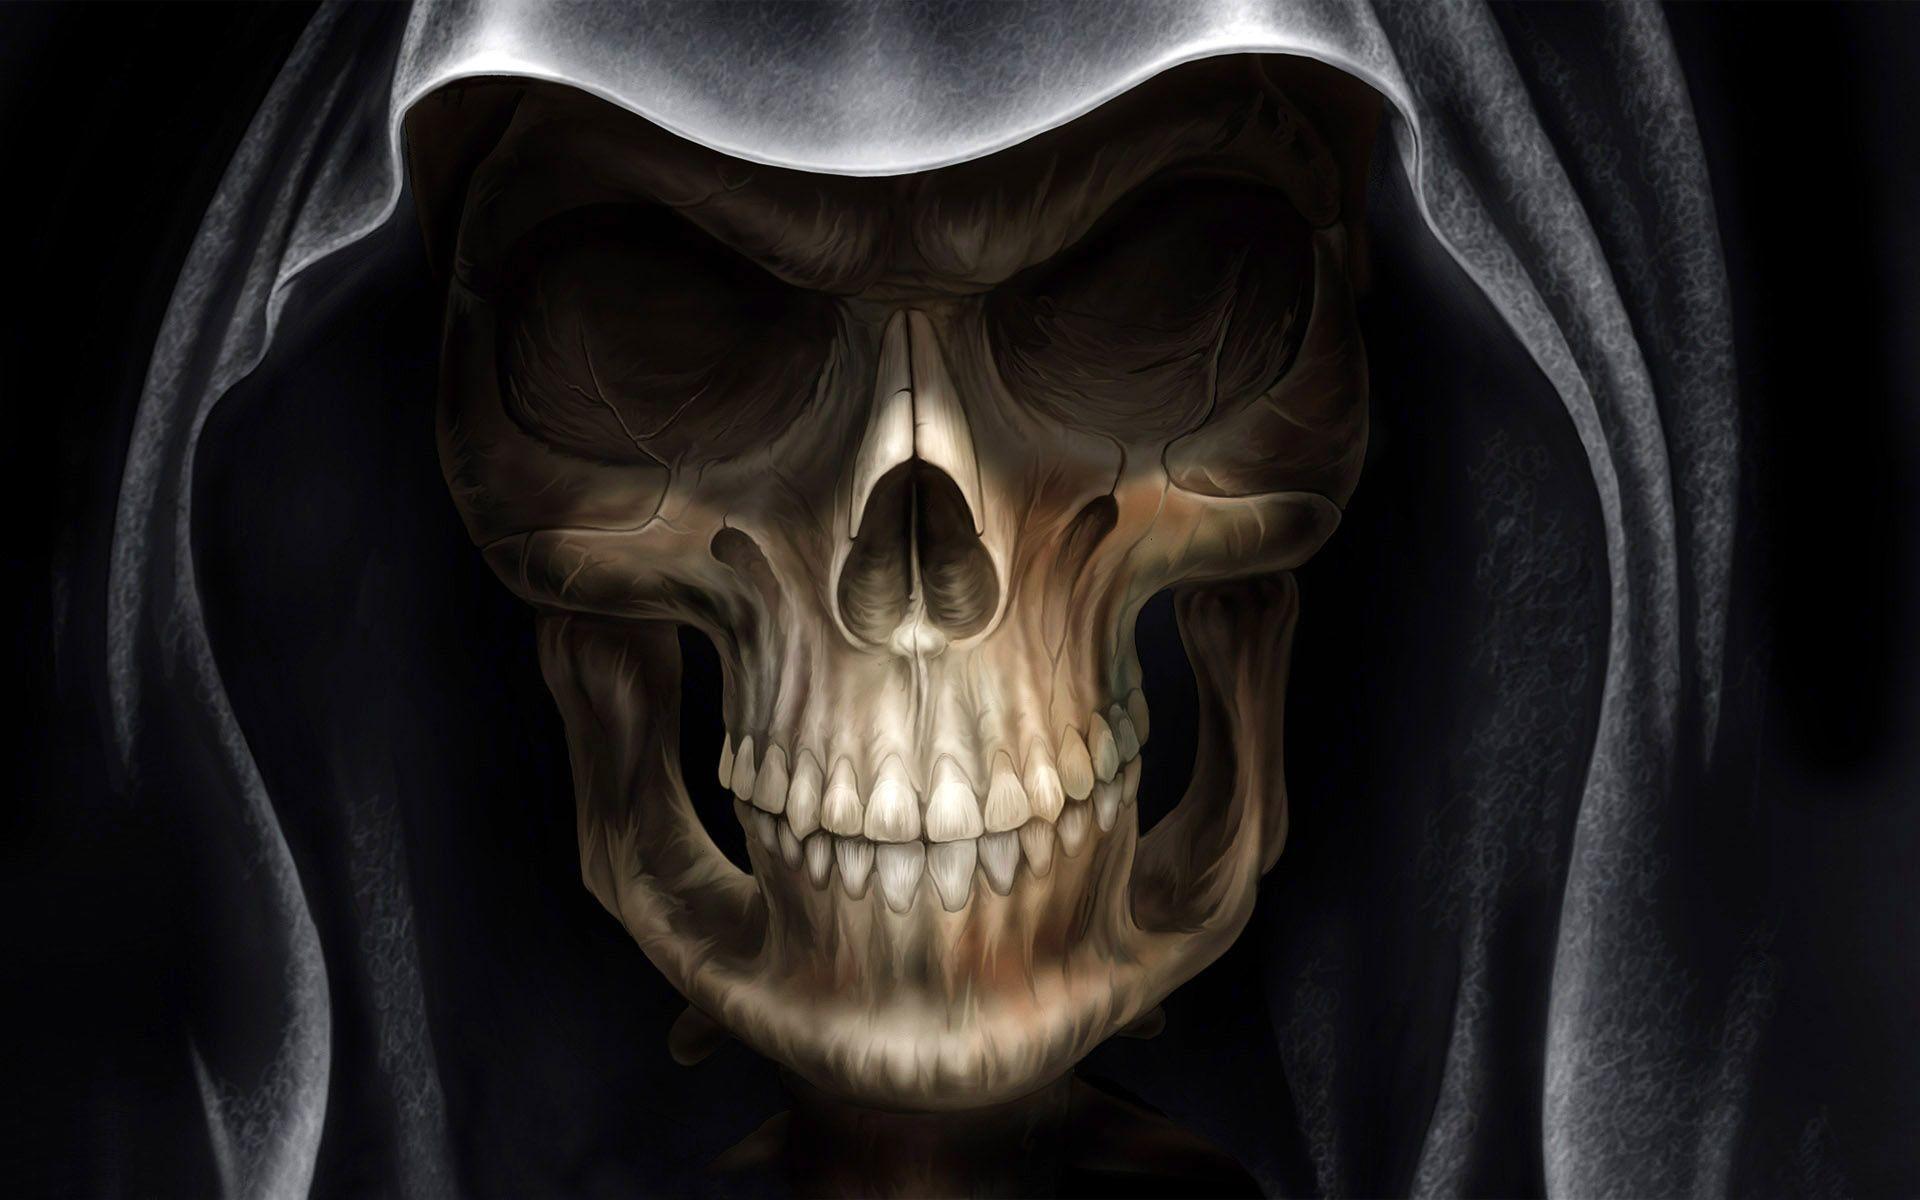 Evil Skull Wallpaper (72+ images)